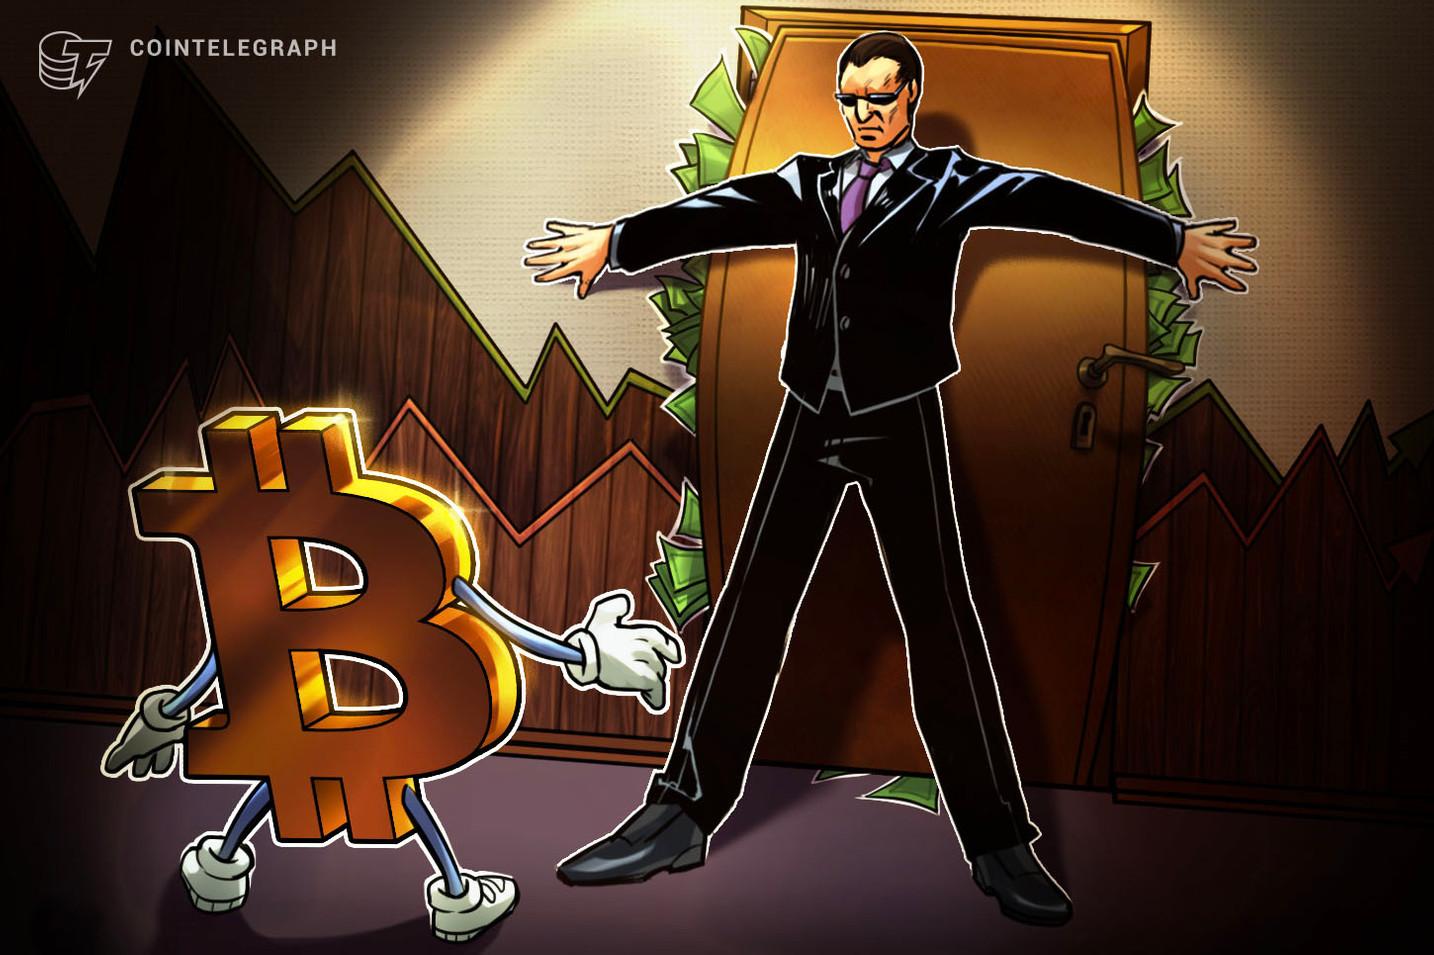 El ataque de los Gobiernos: ¿Todos contra Bitcoin?